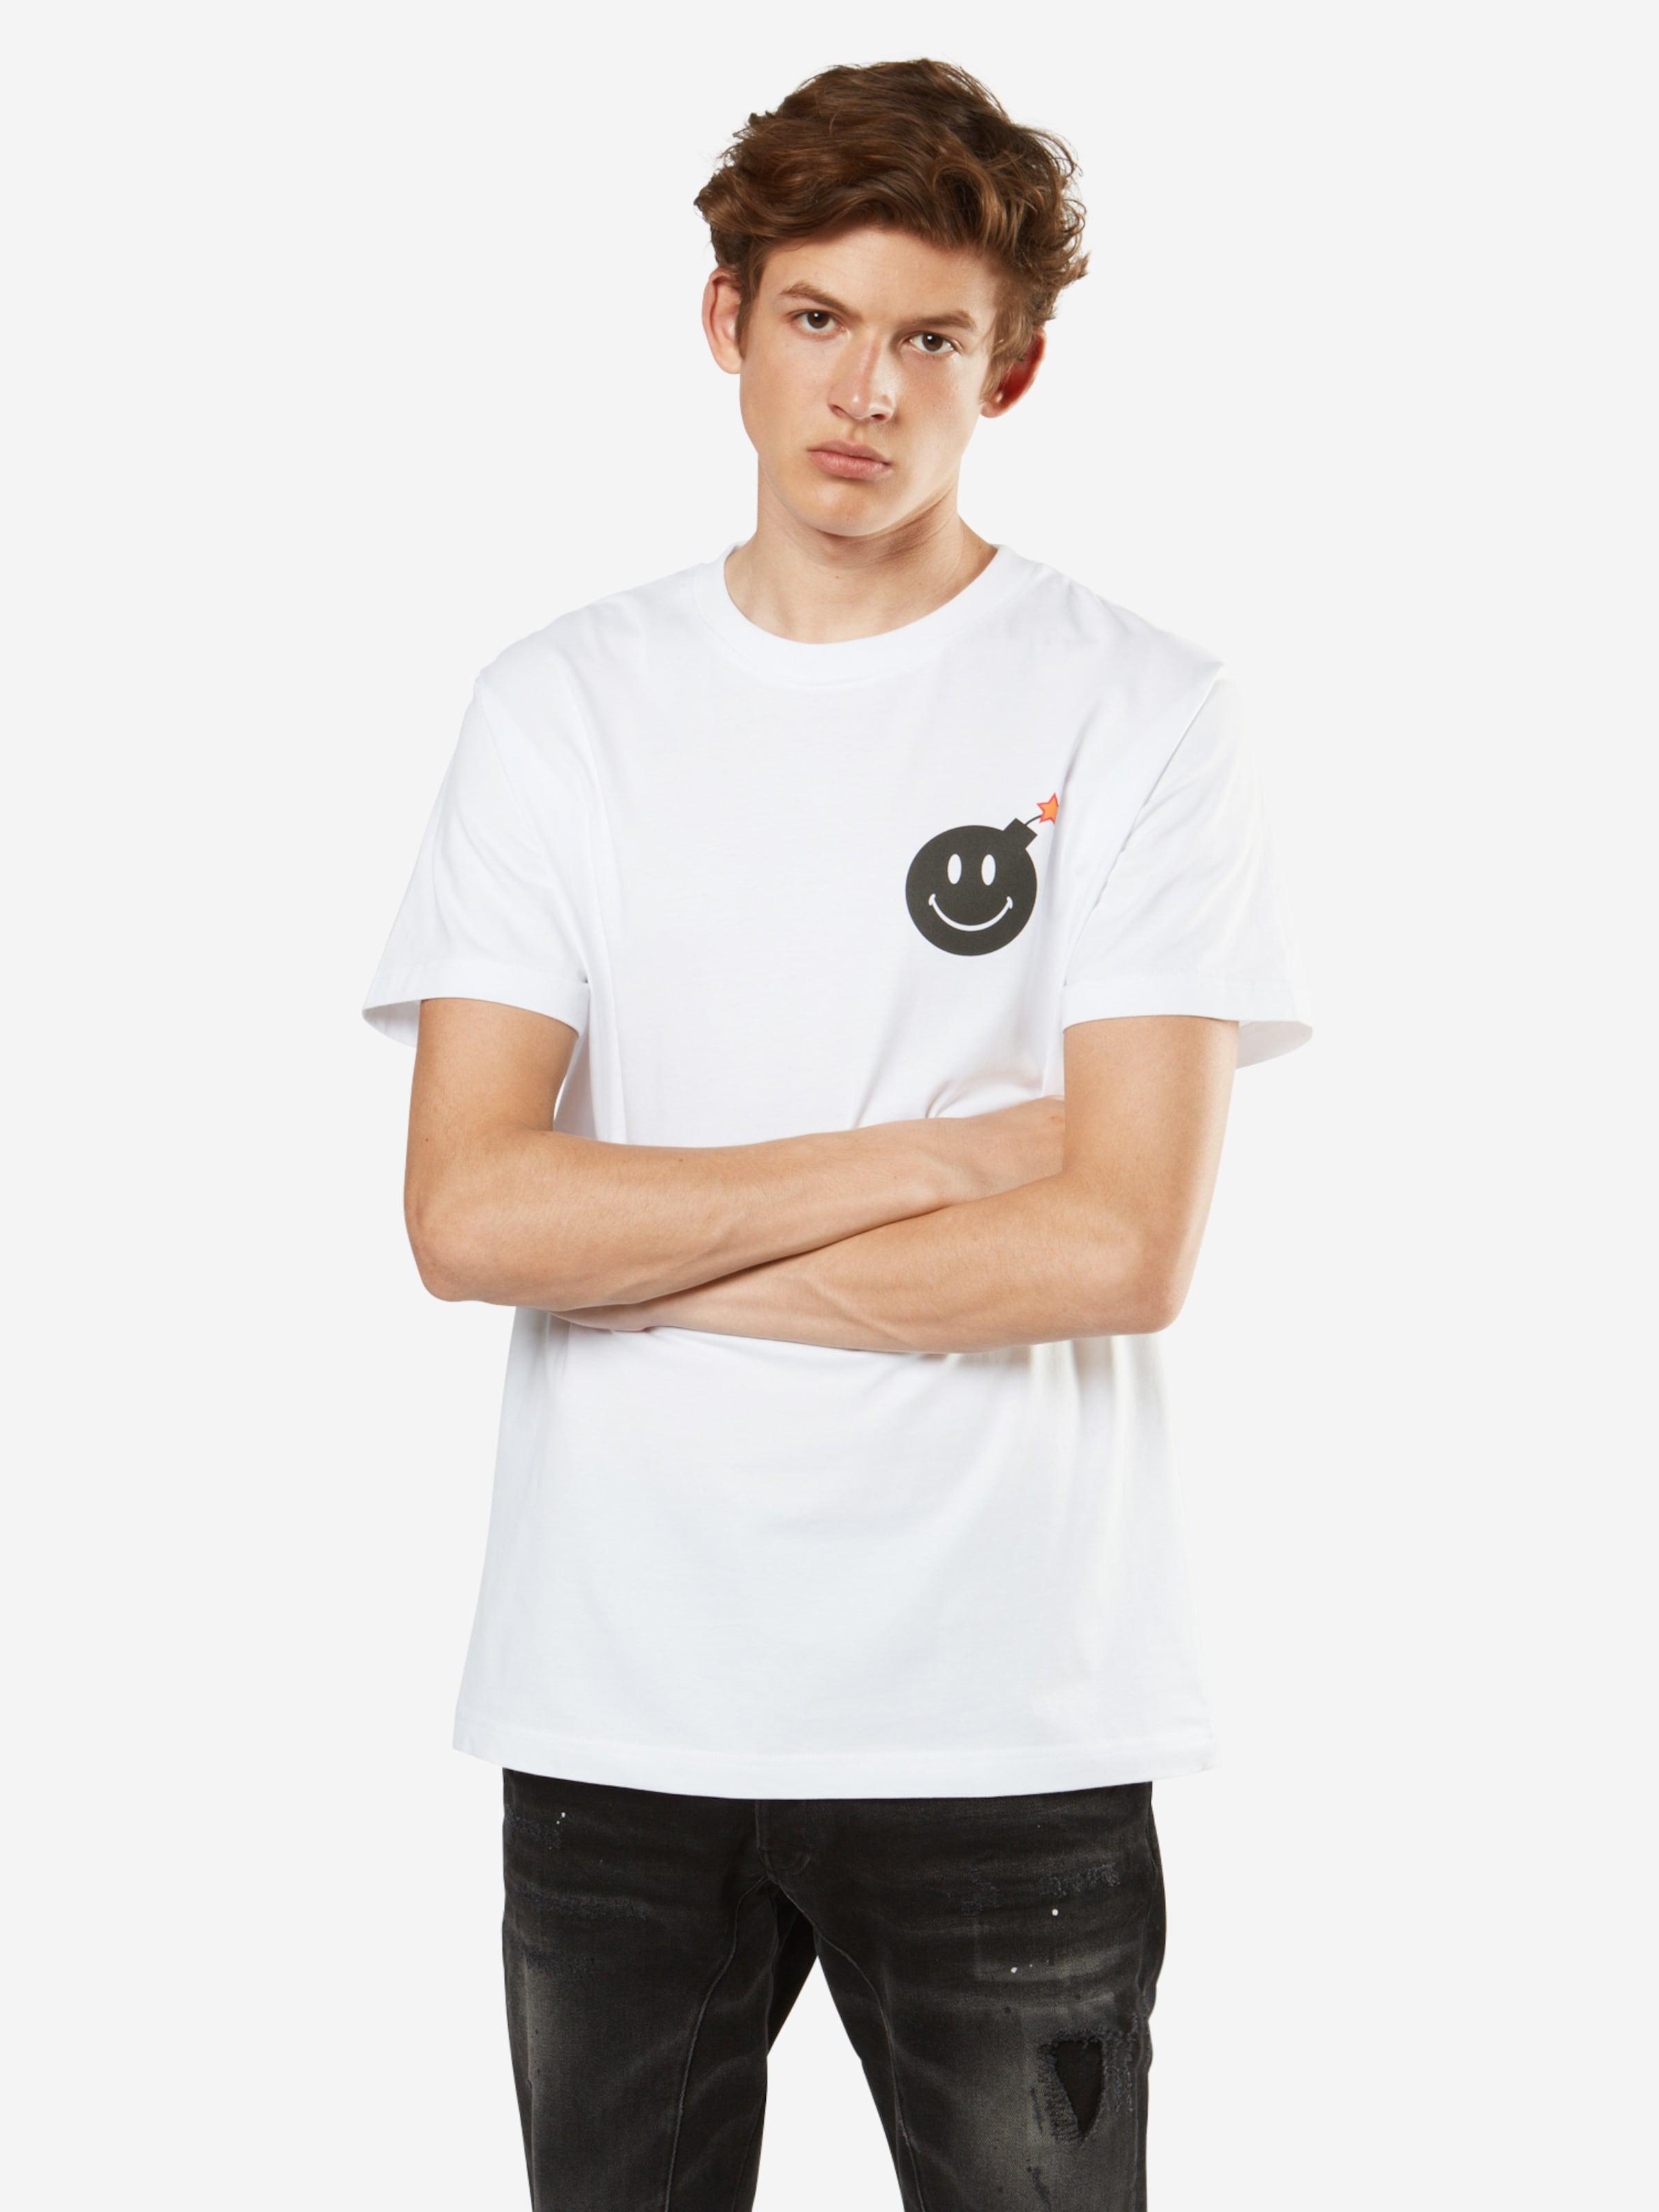 Tee' In Mister shirt Tee 'smiley SchwarzWeiß Bomb T tQrCBsxdh